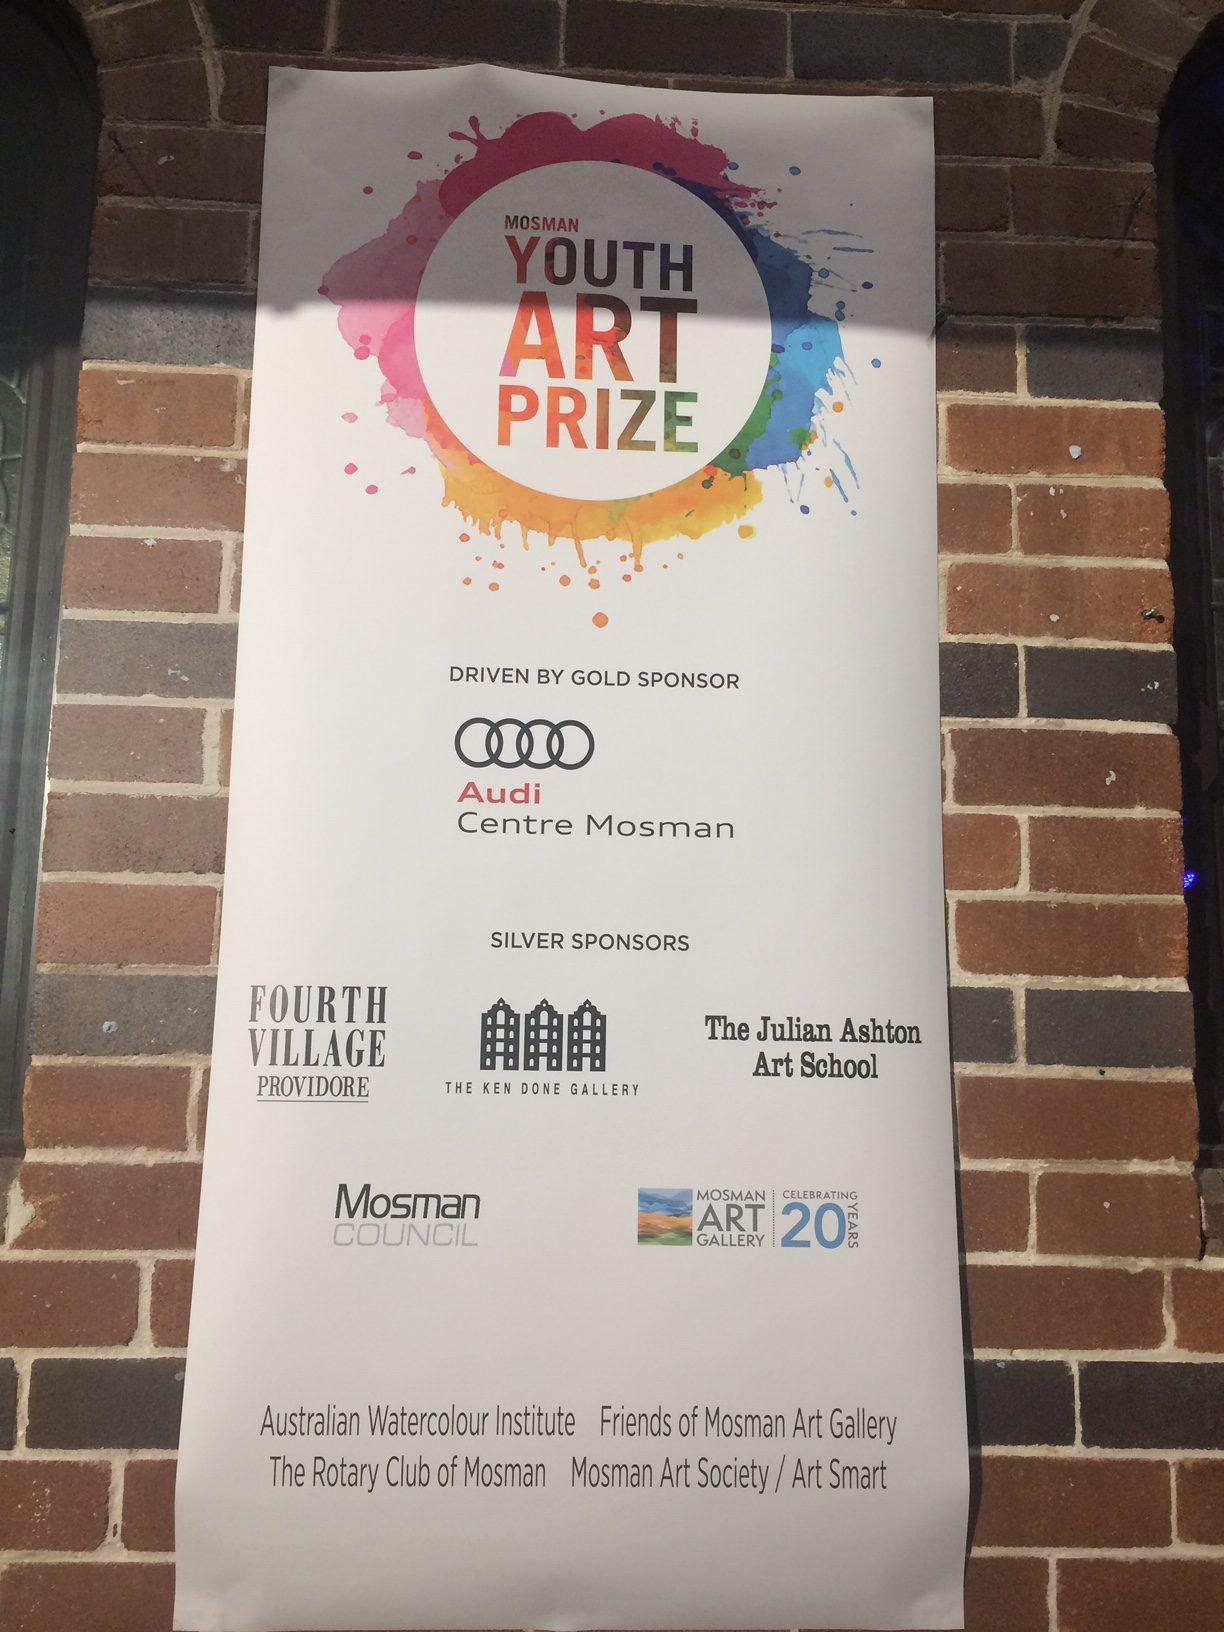 MYAP – Mosman Youth Art Prize